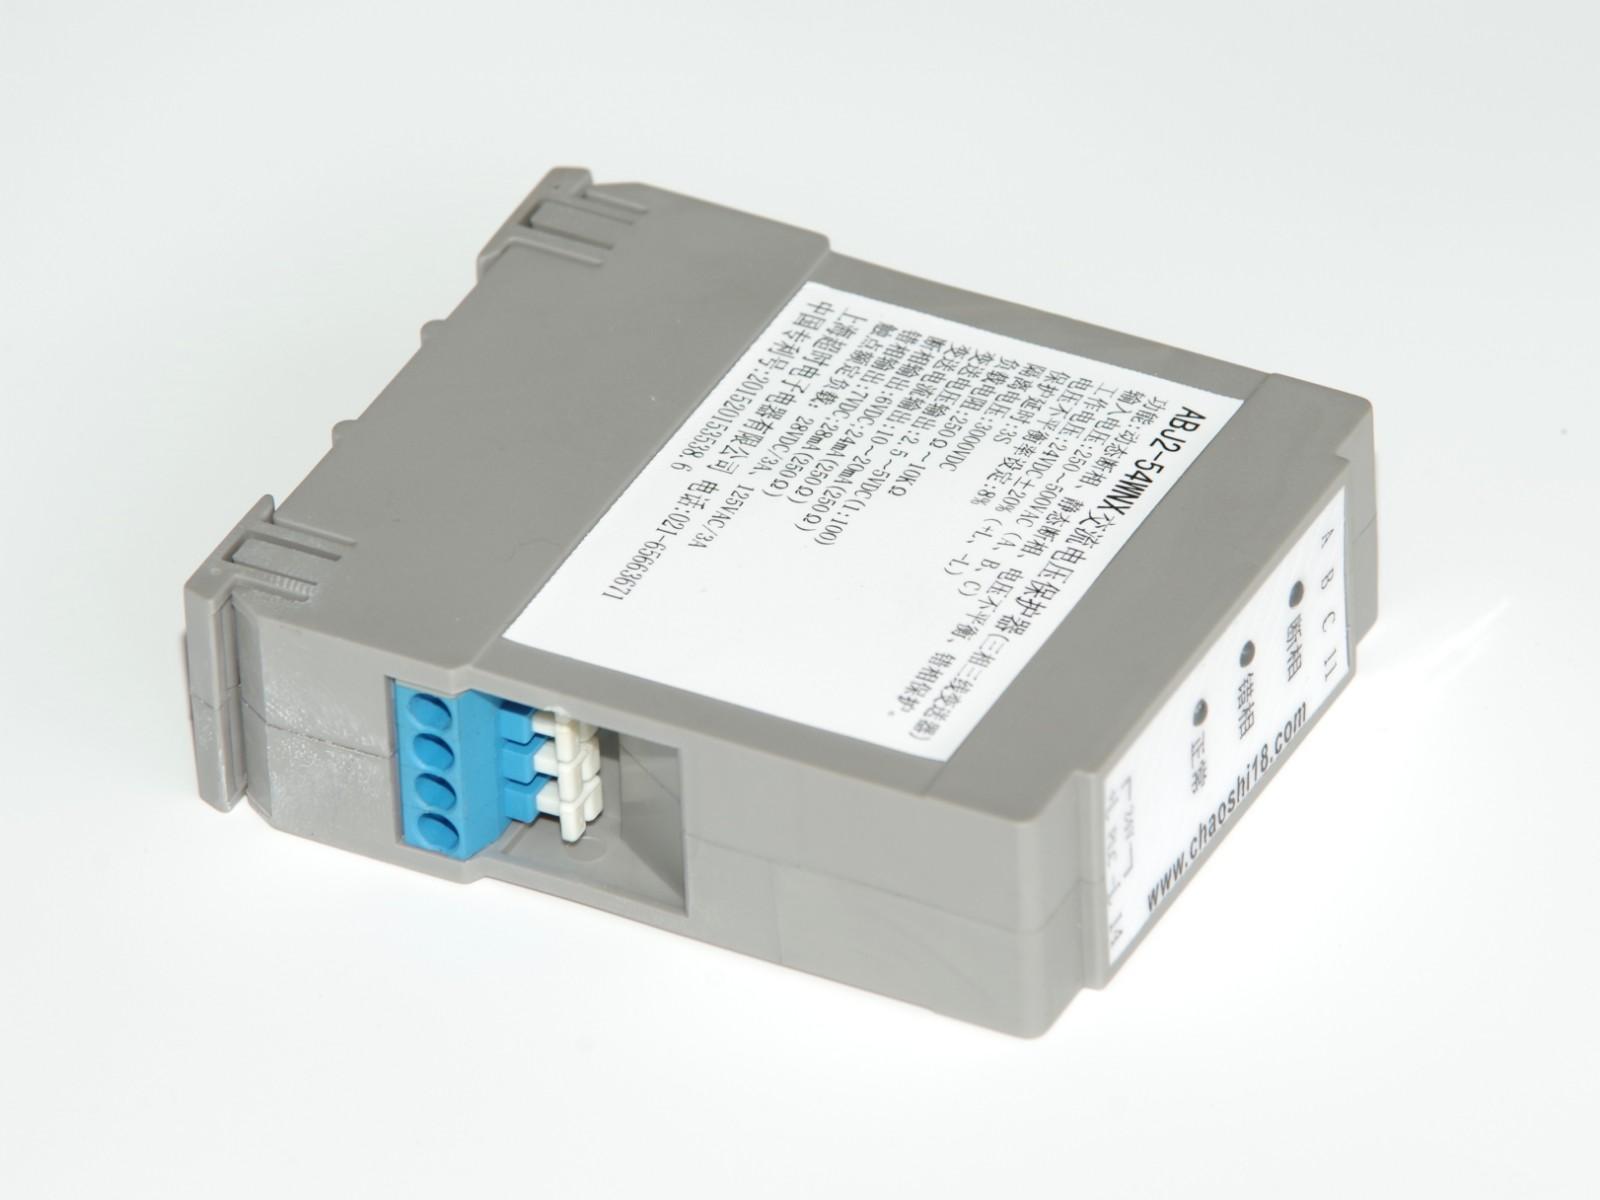 上海超时电子电器 ABJ2-5□W三相三线交流变送器 相序保护器